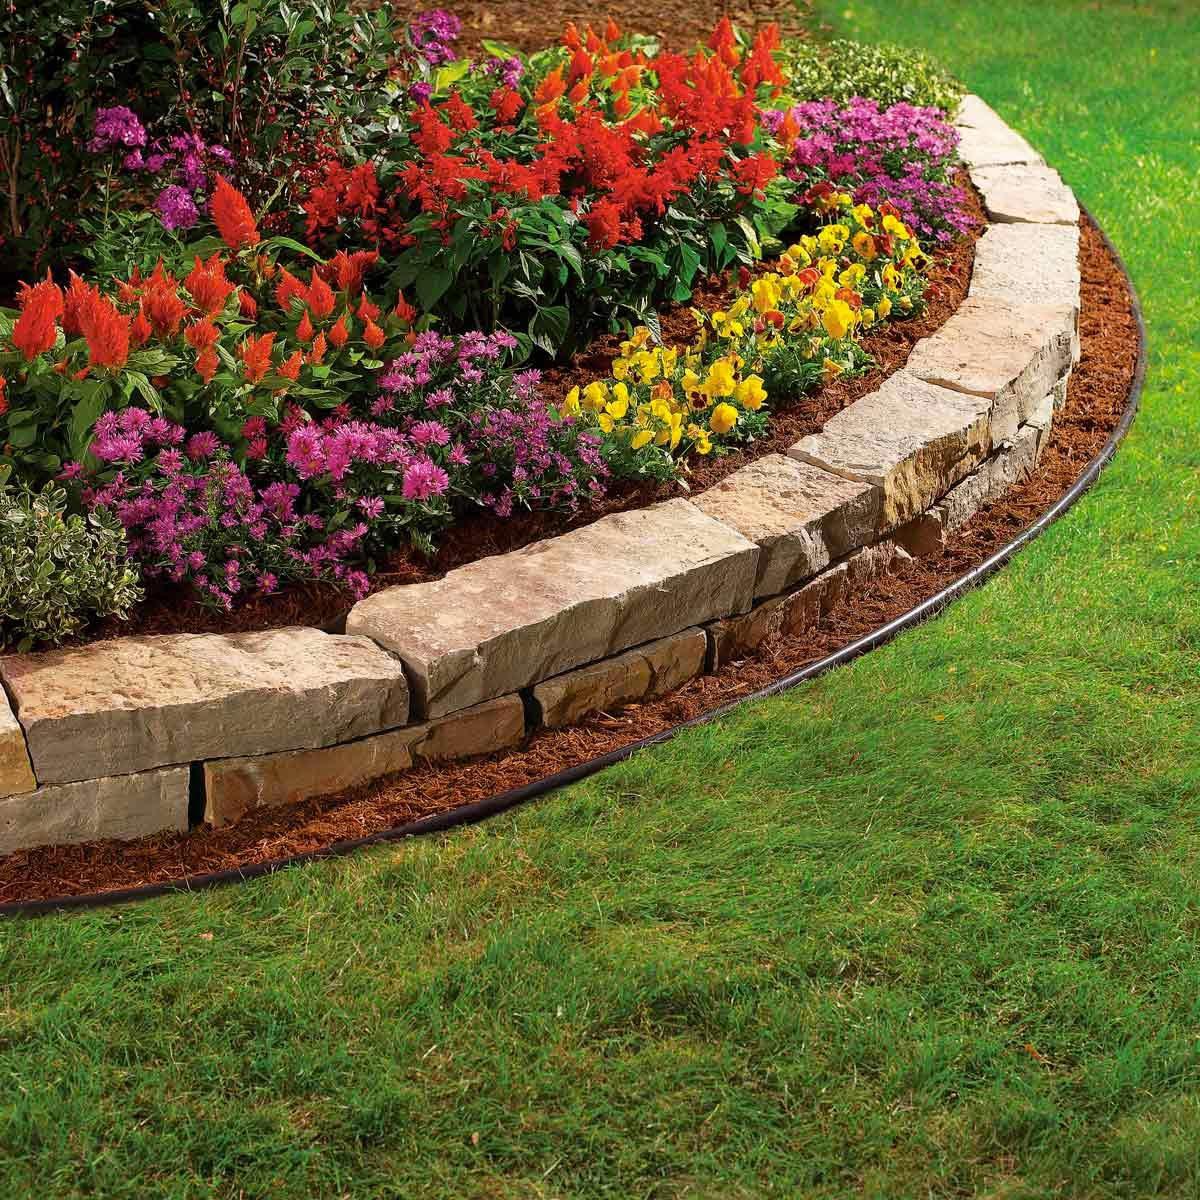 Aménagement paysager : cultivez des vivaces pour presque rien.